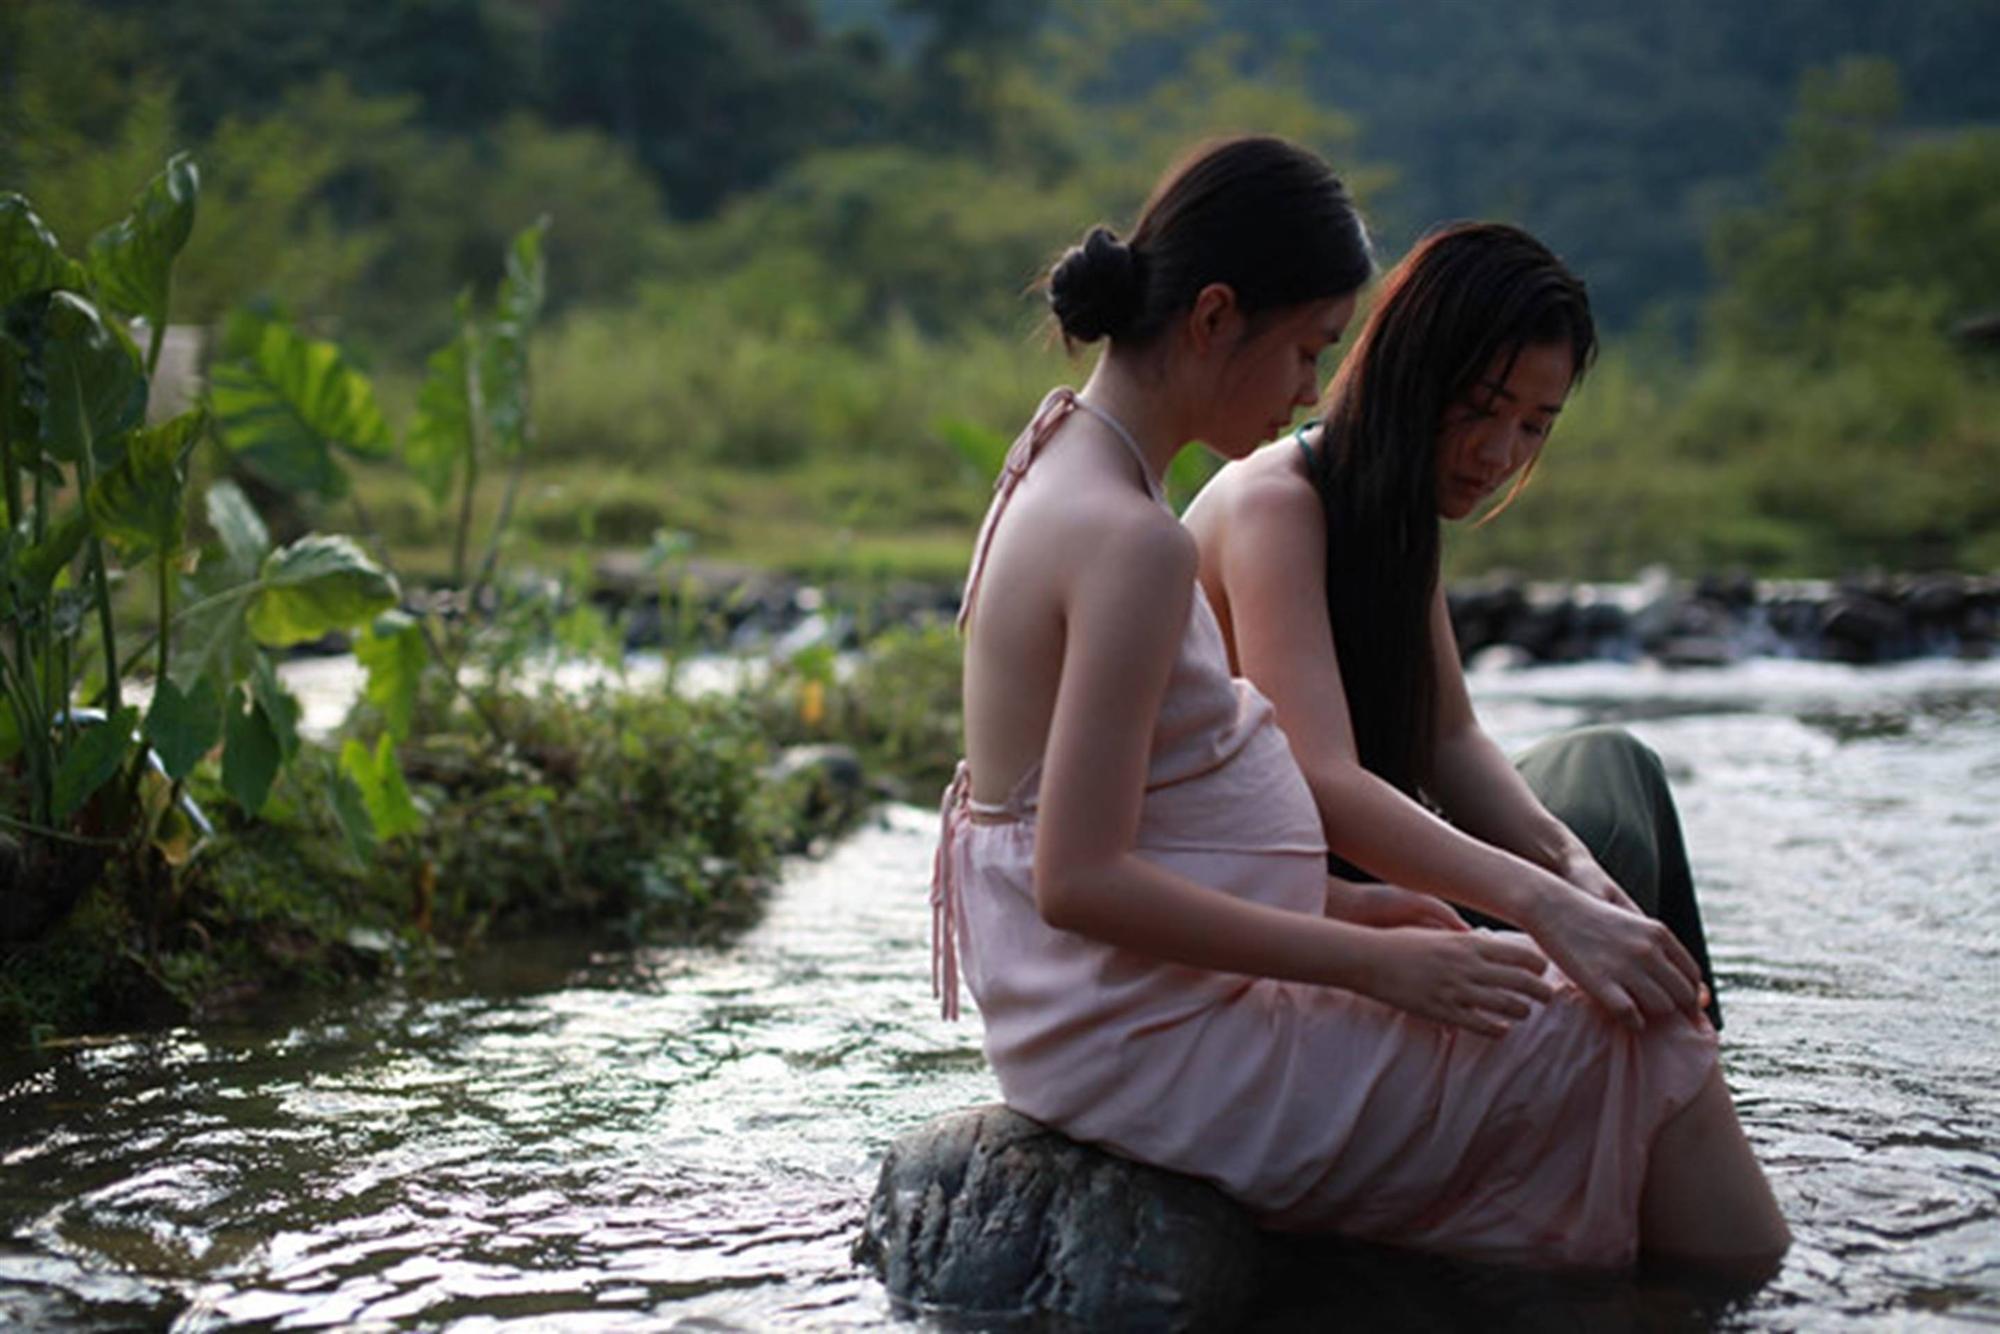 Sau Mỹ, đến lượt báo Hàn đưa tin vụ Vợ Ba dừng chiếu vì cảnh 18+ gây sốc của thiếu nữ 15 tuổi - Ảnh 4.